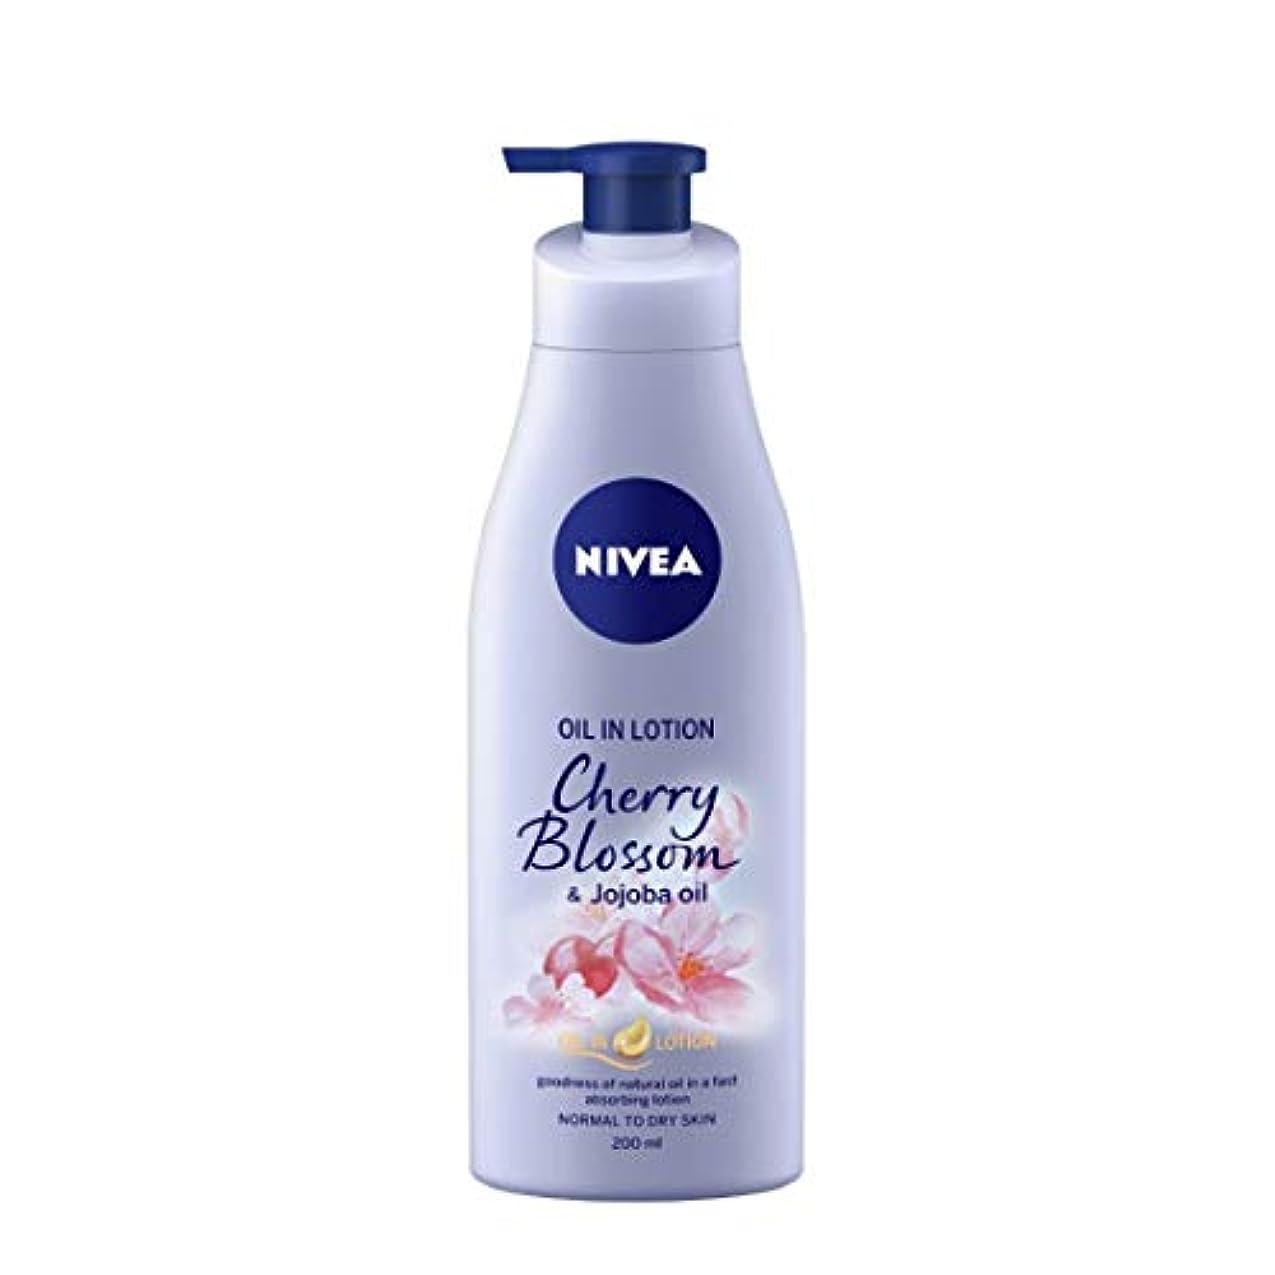 ハシー一方、ビュッフェNIVEA Oil in Lotion, Cherry Blossom and Jojoba oil, 200ml